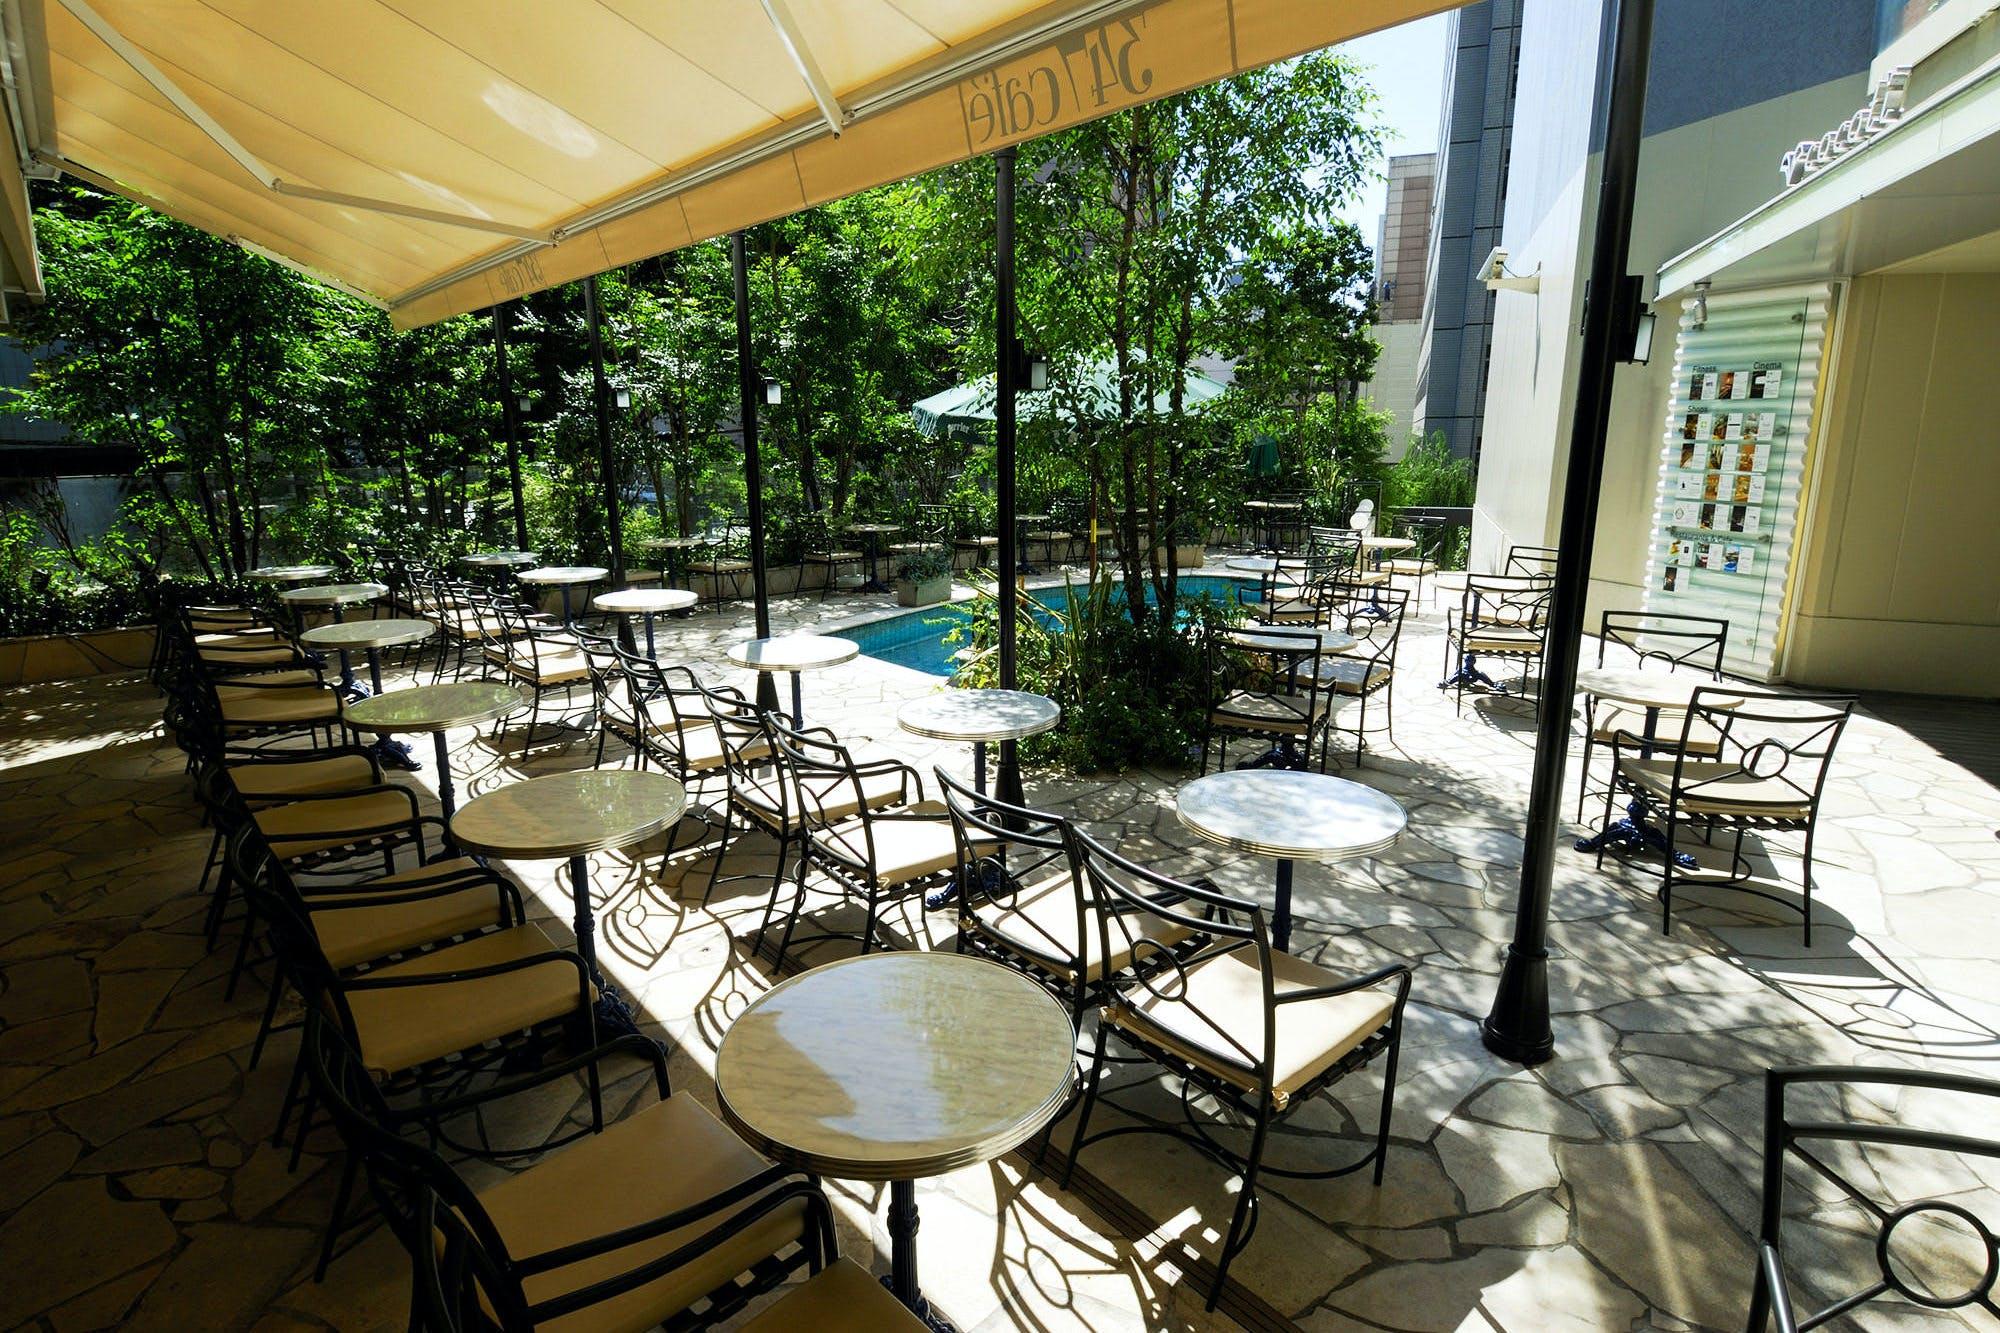 347 cafe&lounge